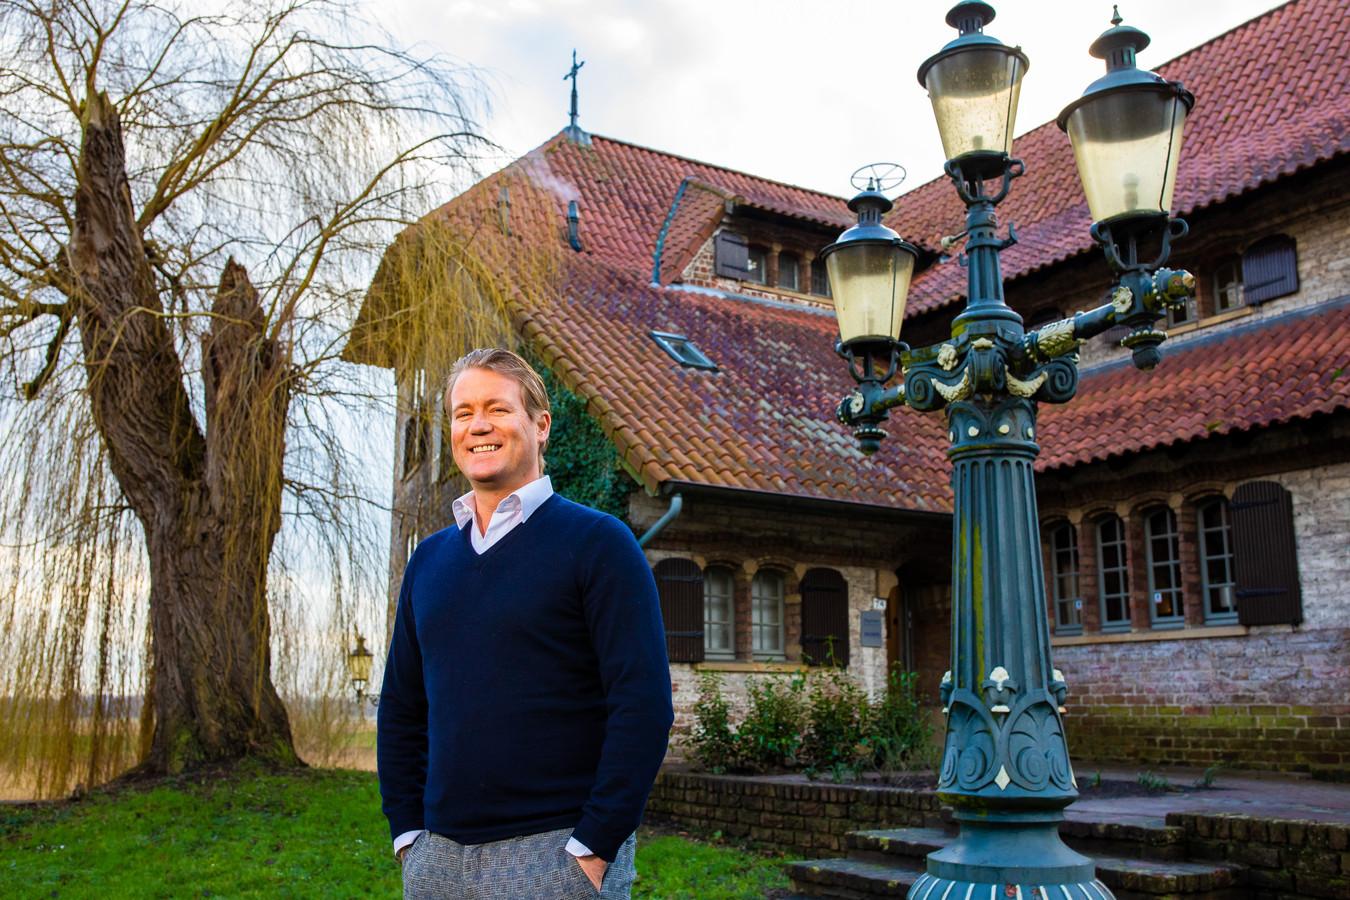 Danny Snijders eigenaar van advocatenkantoor Snijders aan de Vughterweg in Den Bosch en nu óók van Dolce Far Niente aan de Ridderstraat.